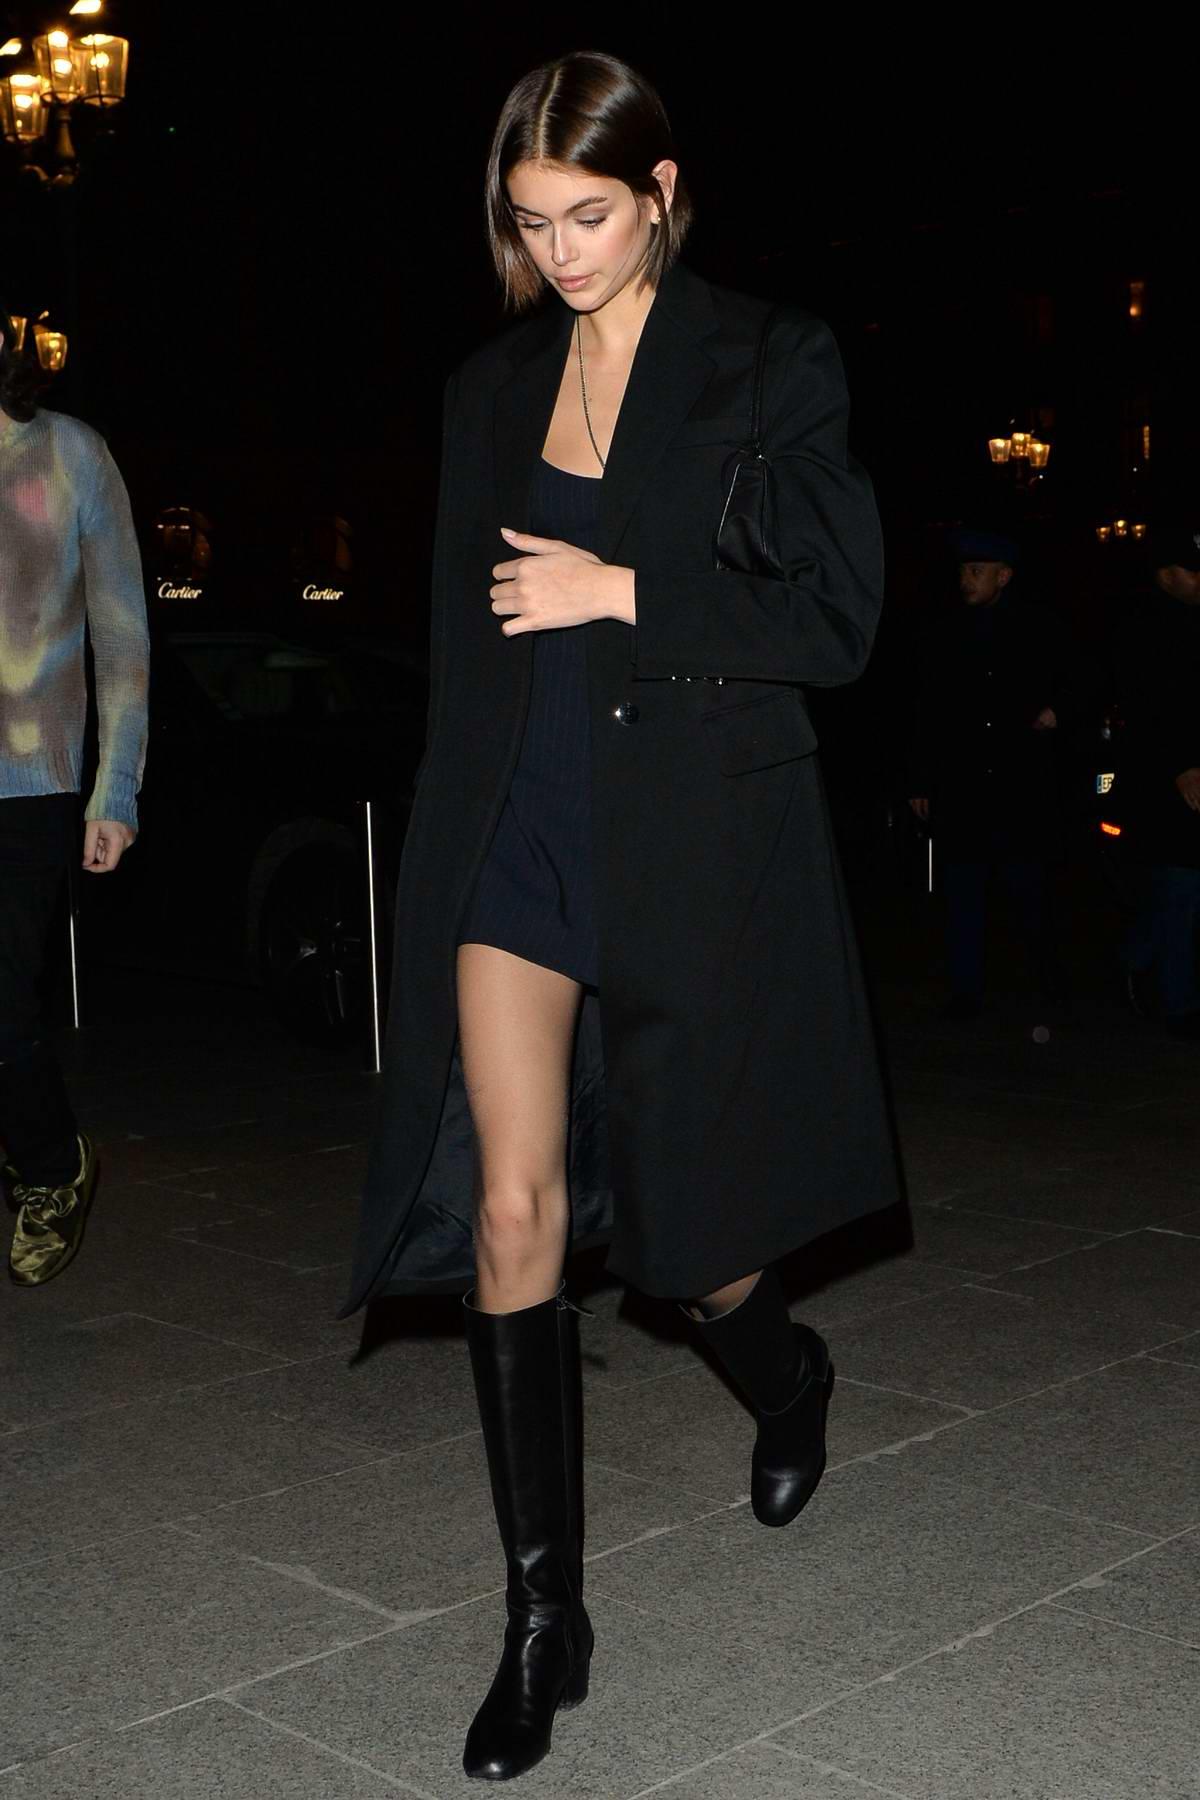 Kaia Gerber sports all-black ensemble as she steps out during Paris Fashion Week 2020 in Paris, France